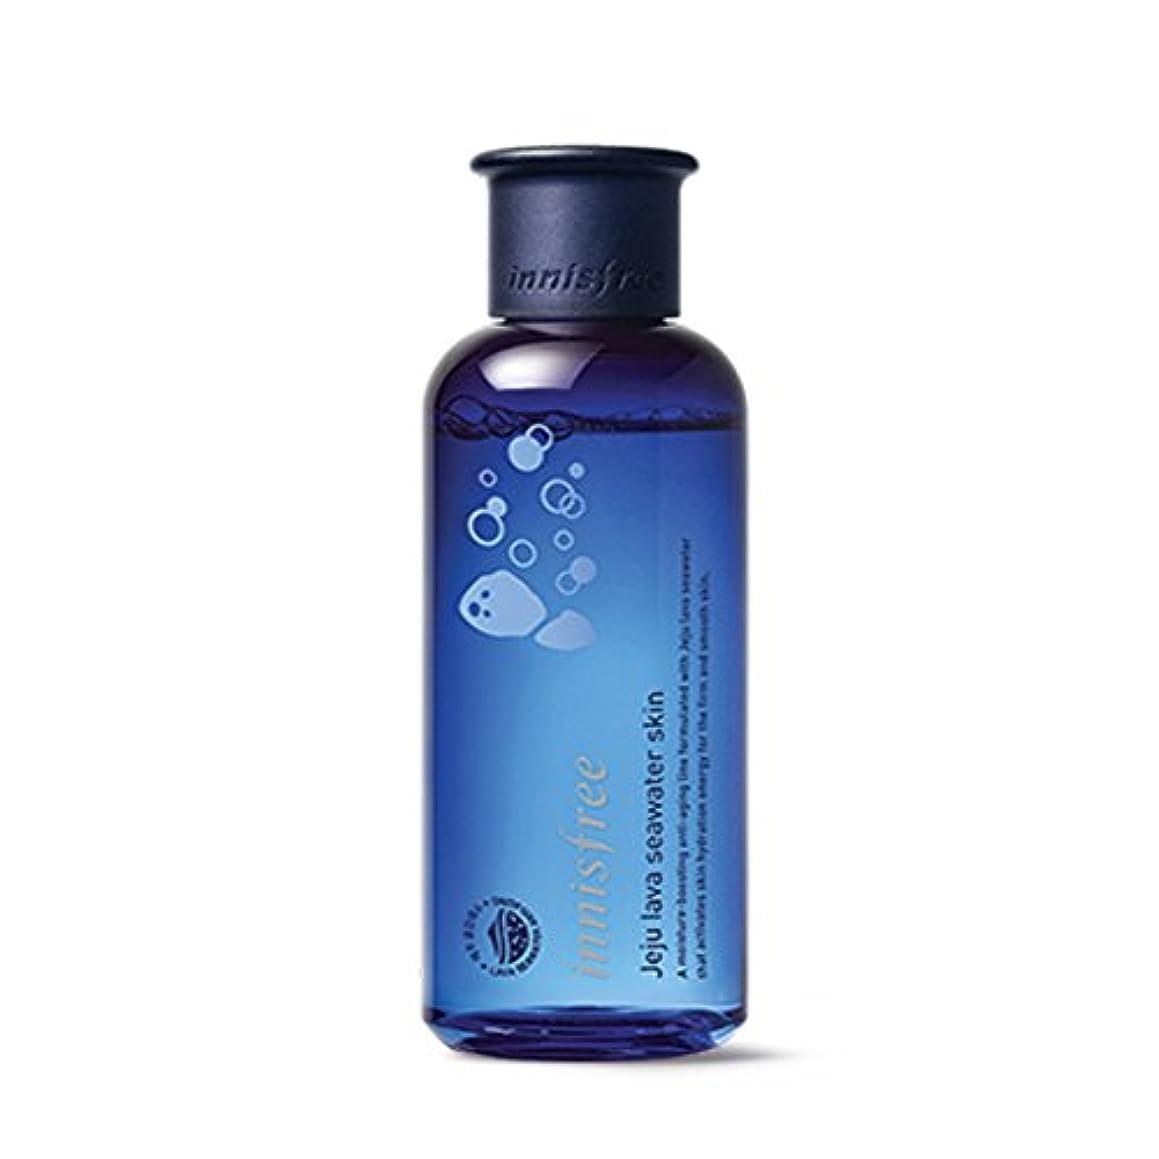 組立旅マッサージイニスフリージェジュラブシーウォータースキン(トナー)200ml Innisfree Jeju Lava Seawater Skin(Toner) 200ml [外直送品][並行輸入品]